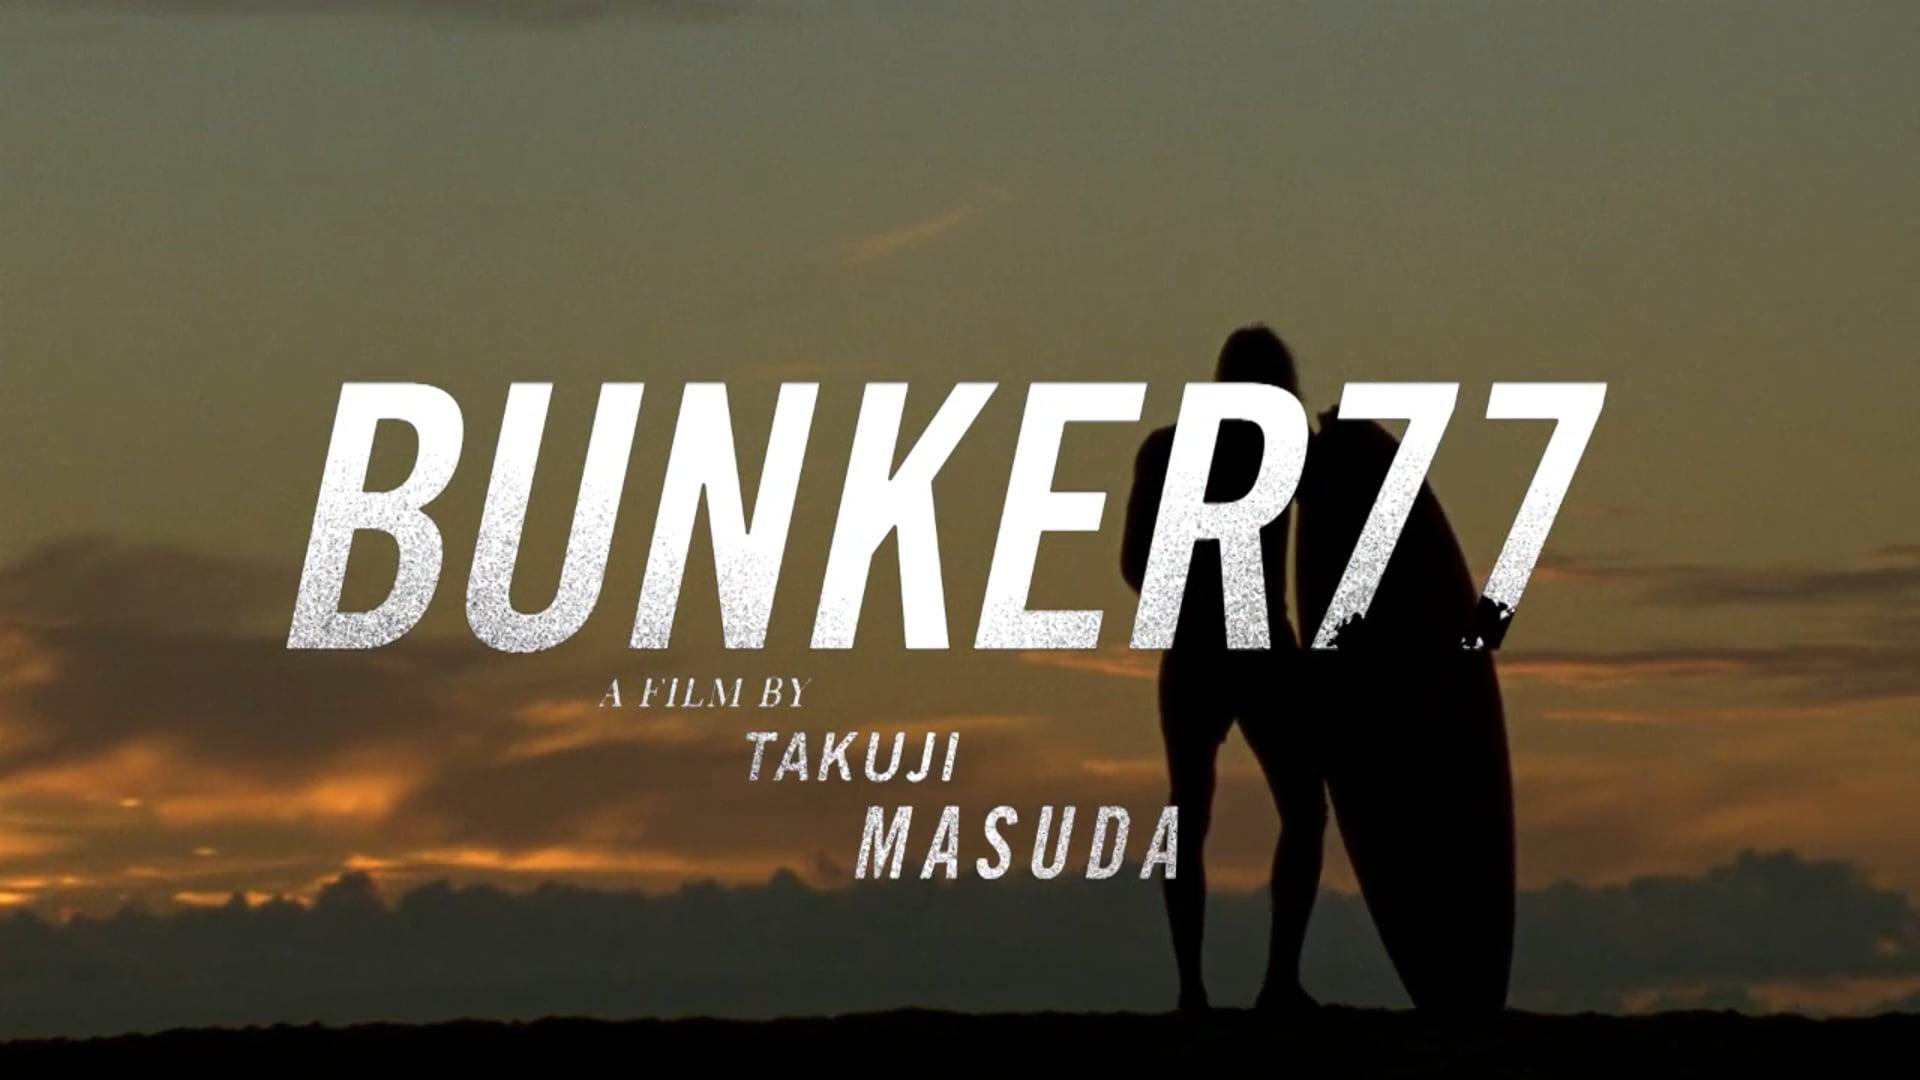 BUNKER77 Official Trailer